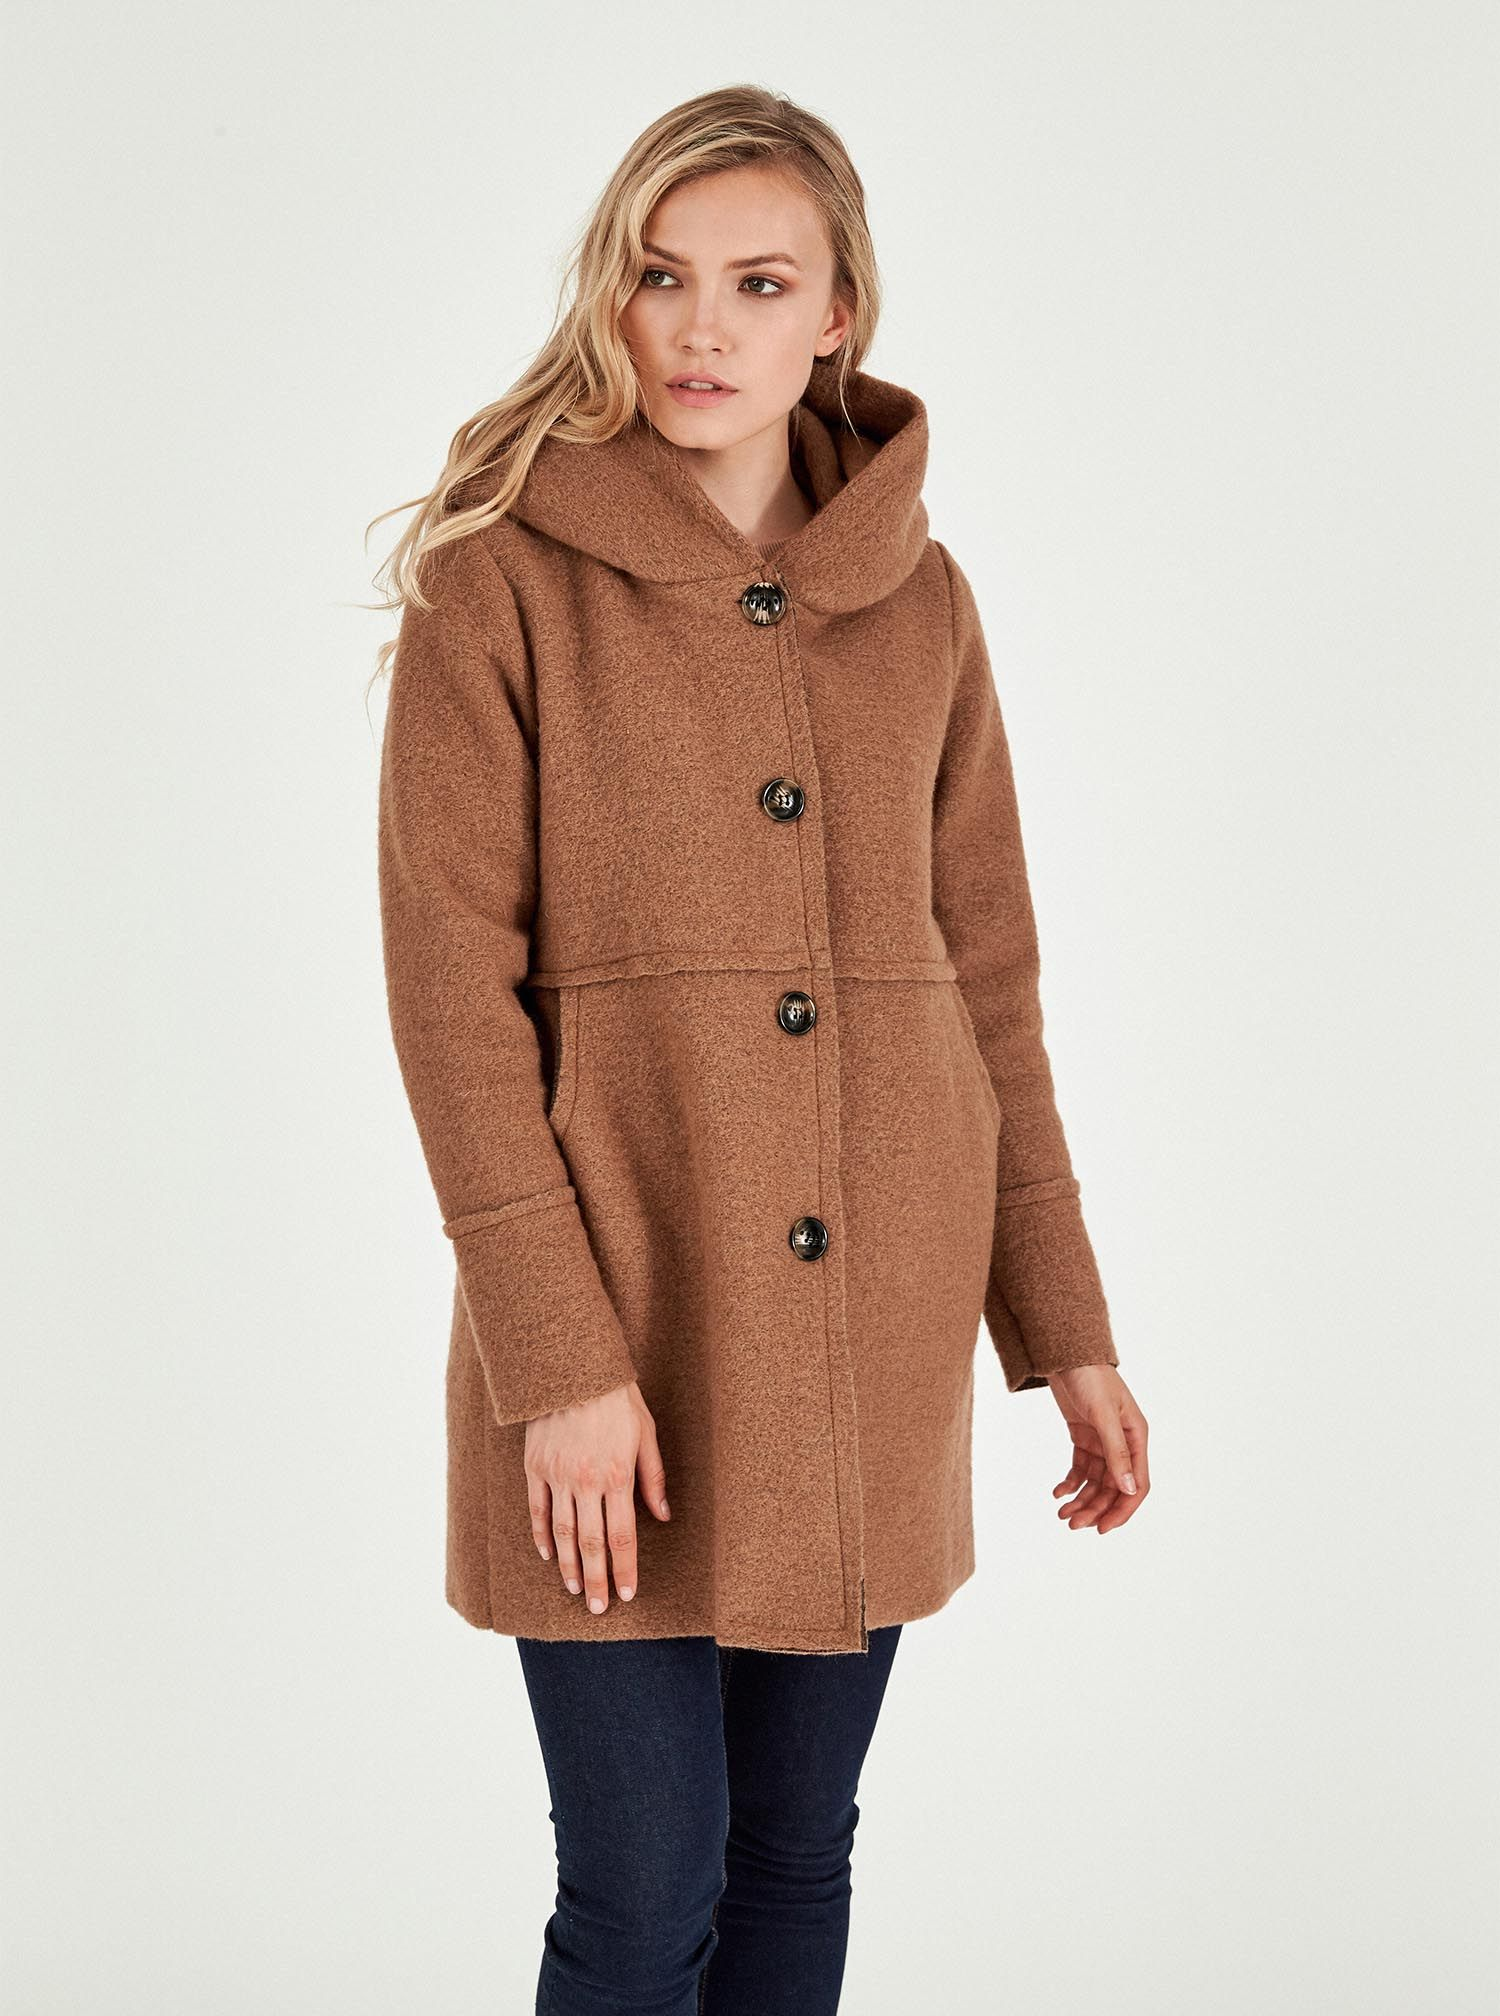 Cappotto di lana Piazza Italia al prezzo di 39,95 euro autunno inverno 2018 2019